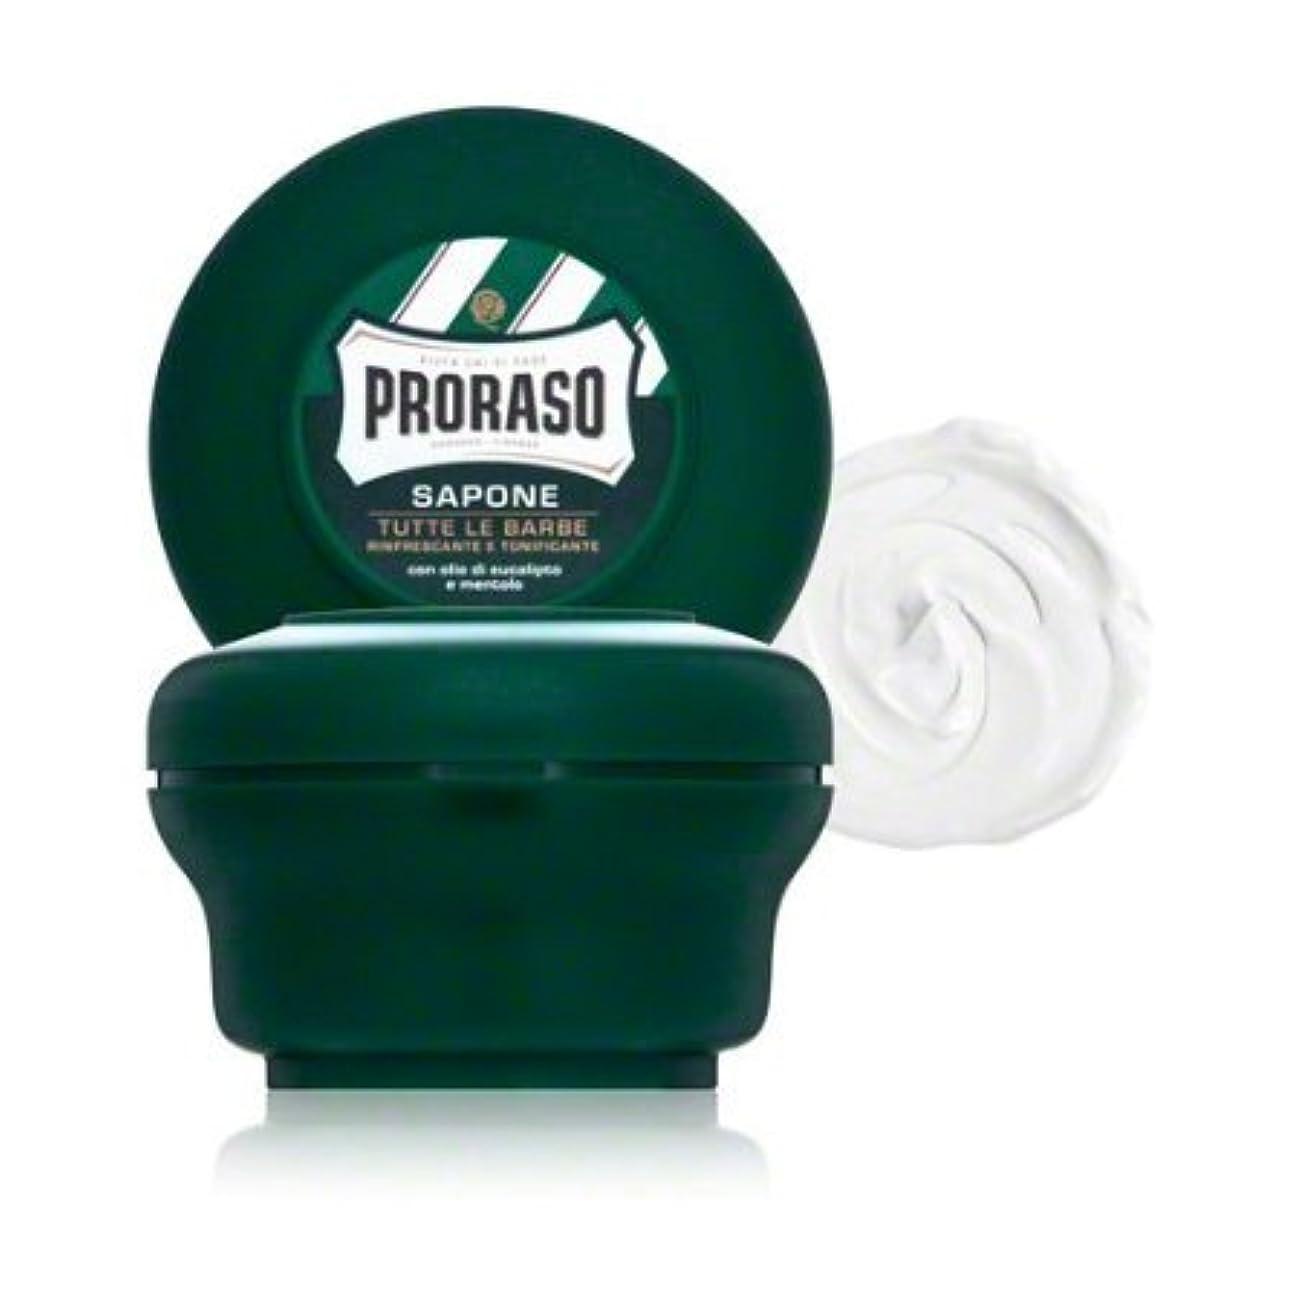 Proraso シェービングソープ ユーカリ&メントール 150ml 並行輸入品